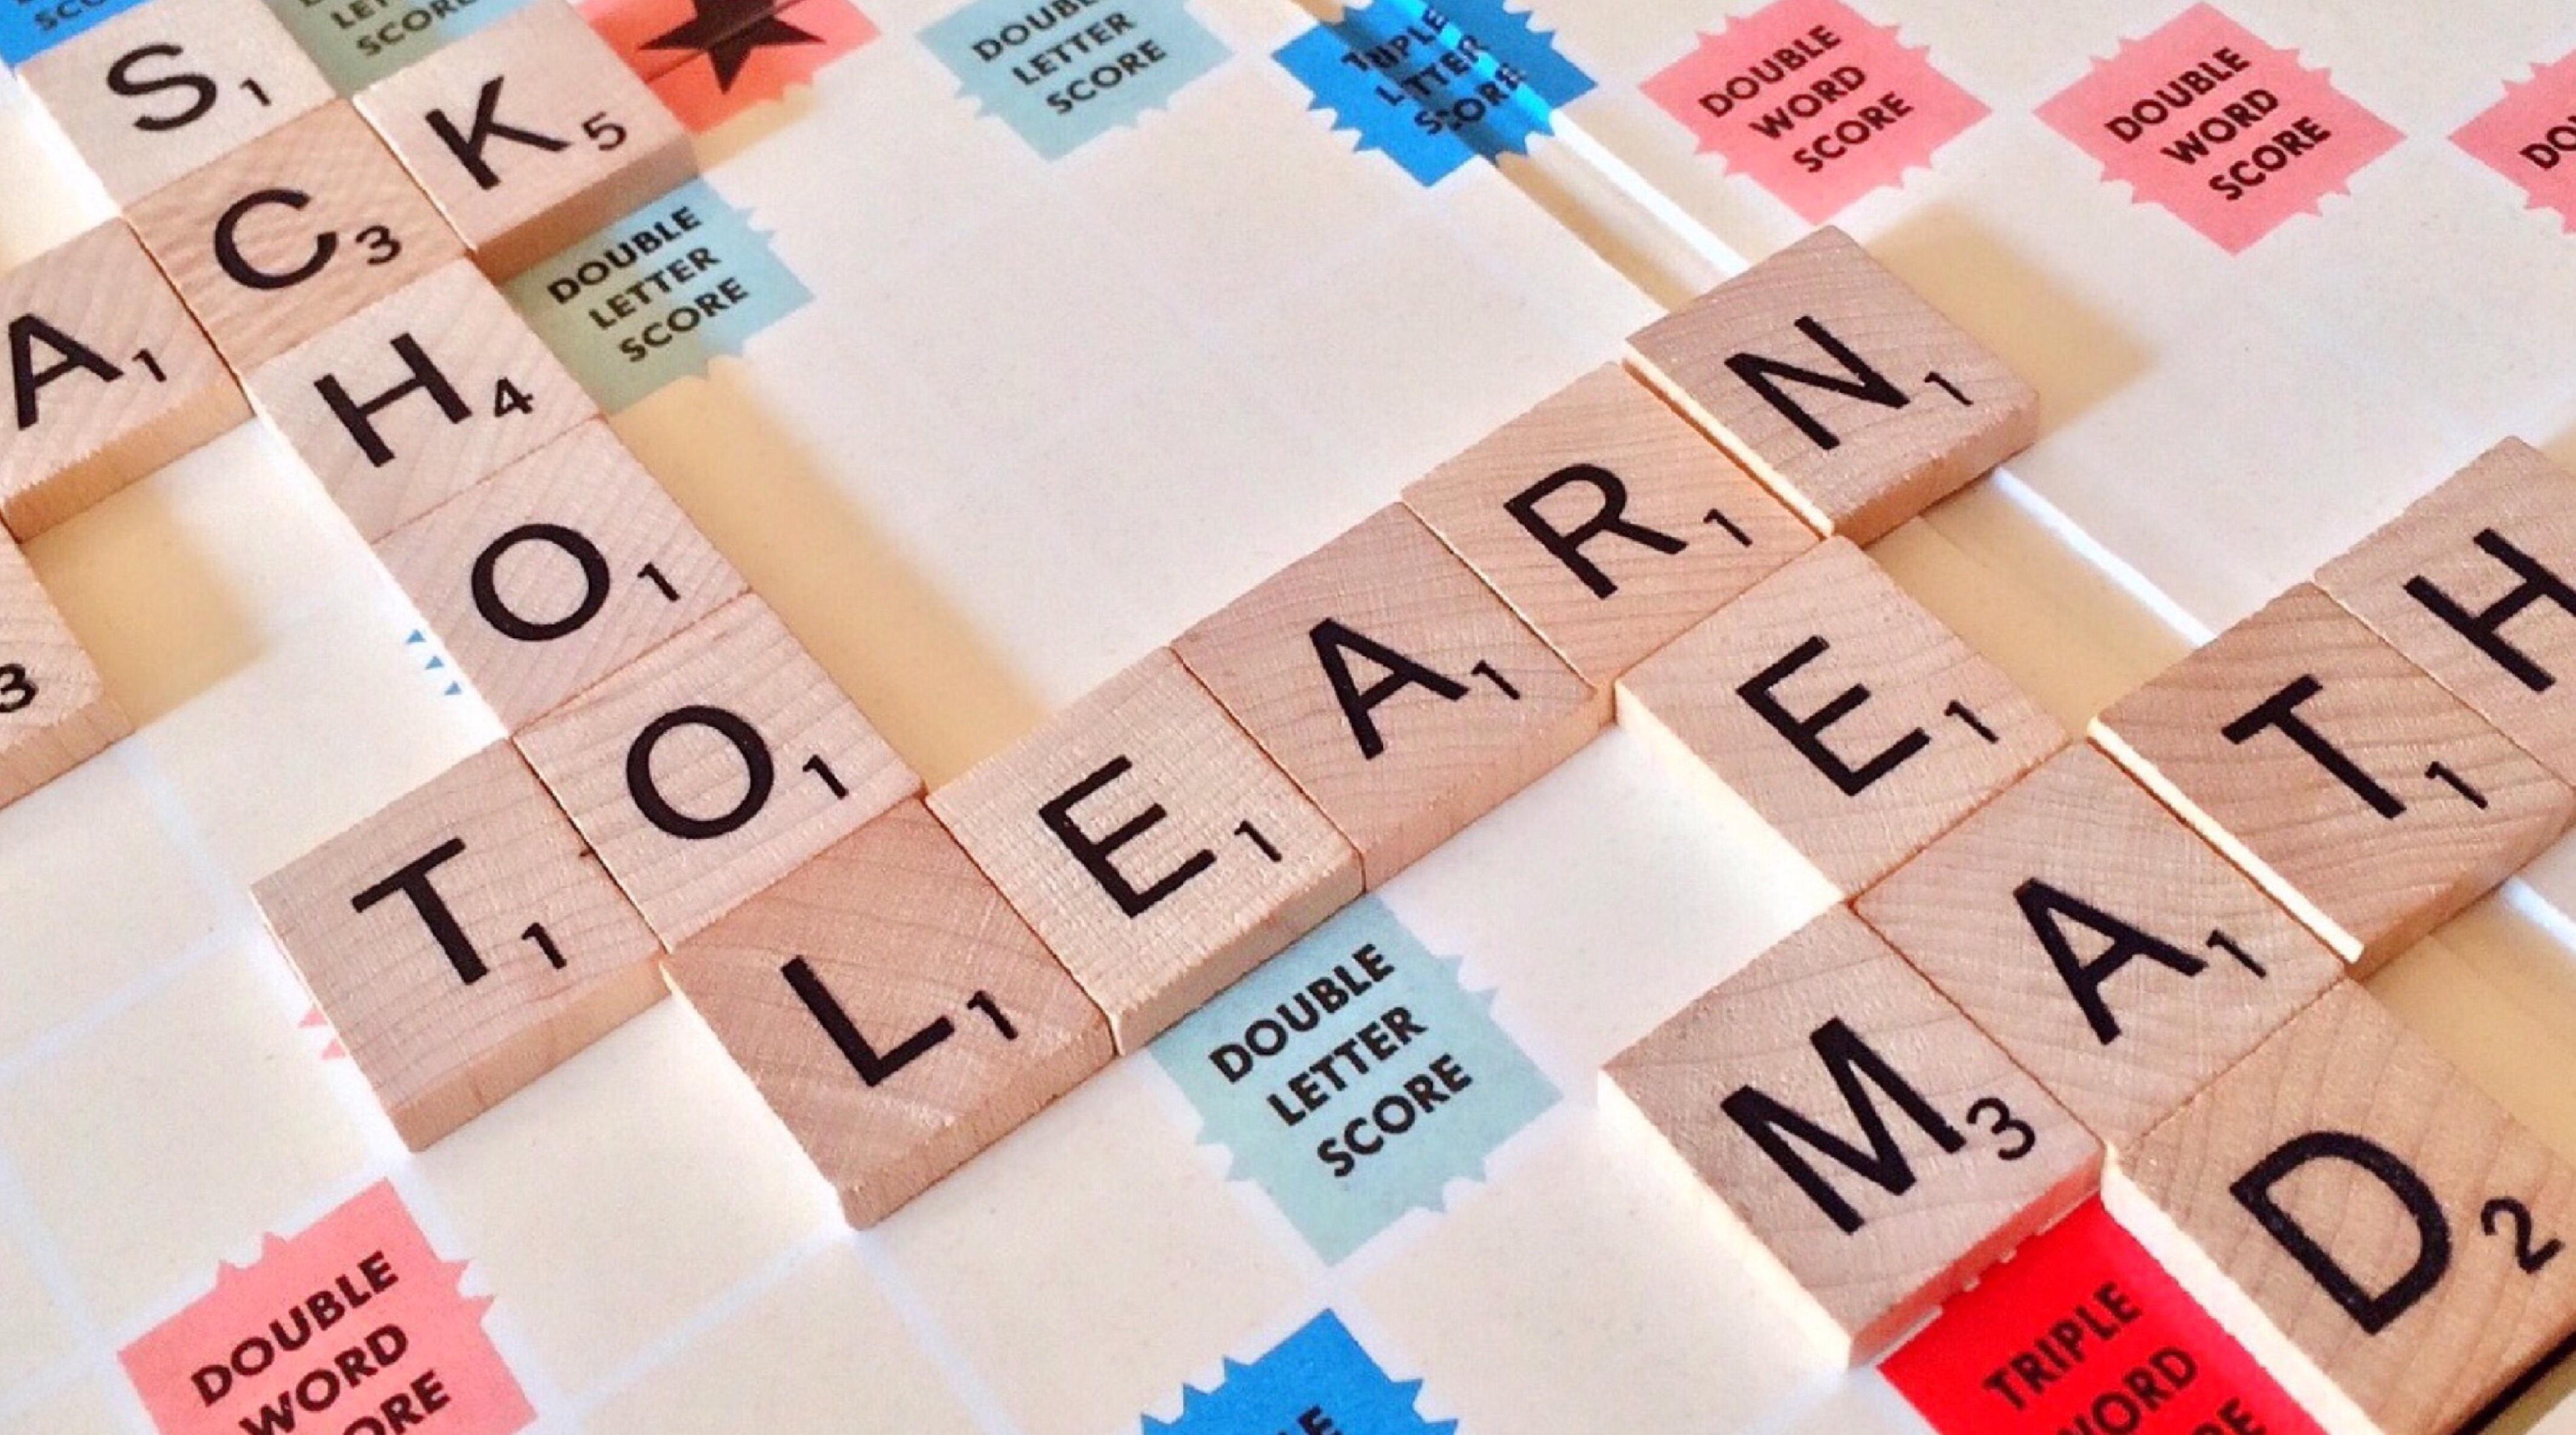 učení jazyka není záhada